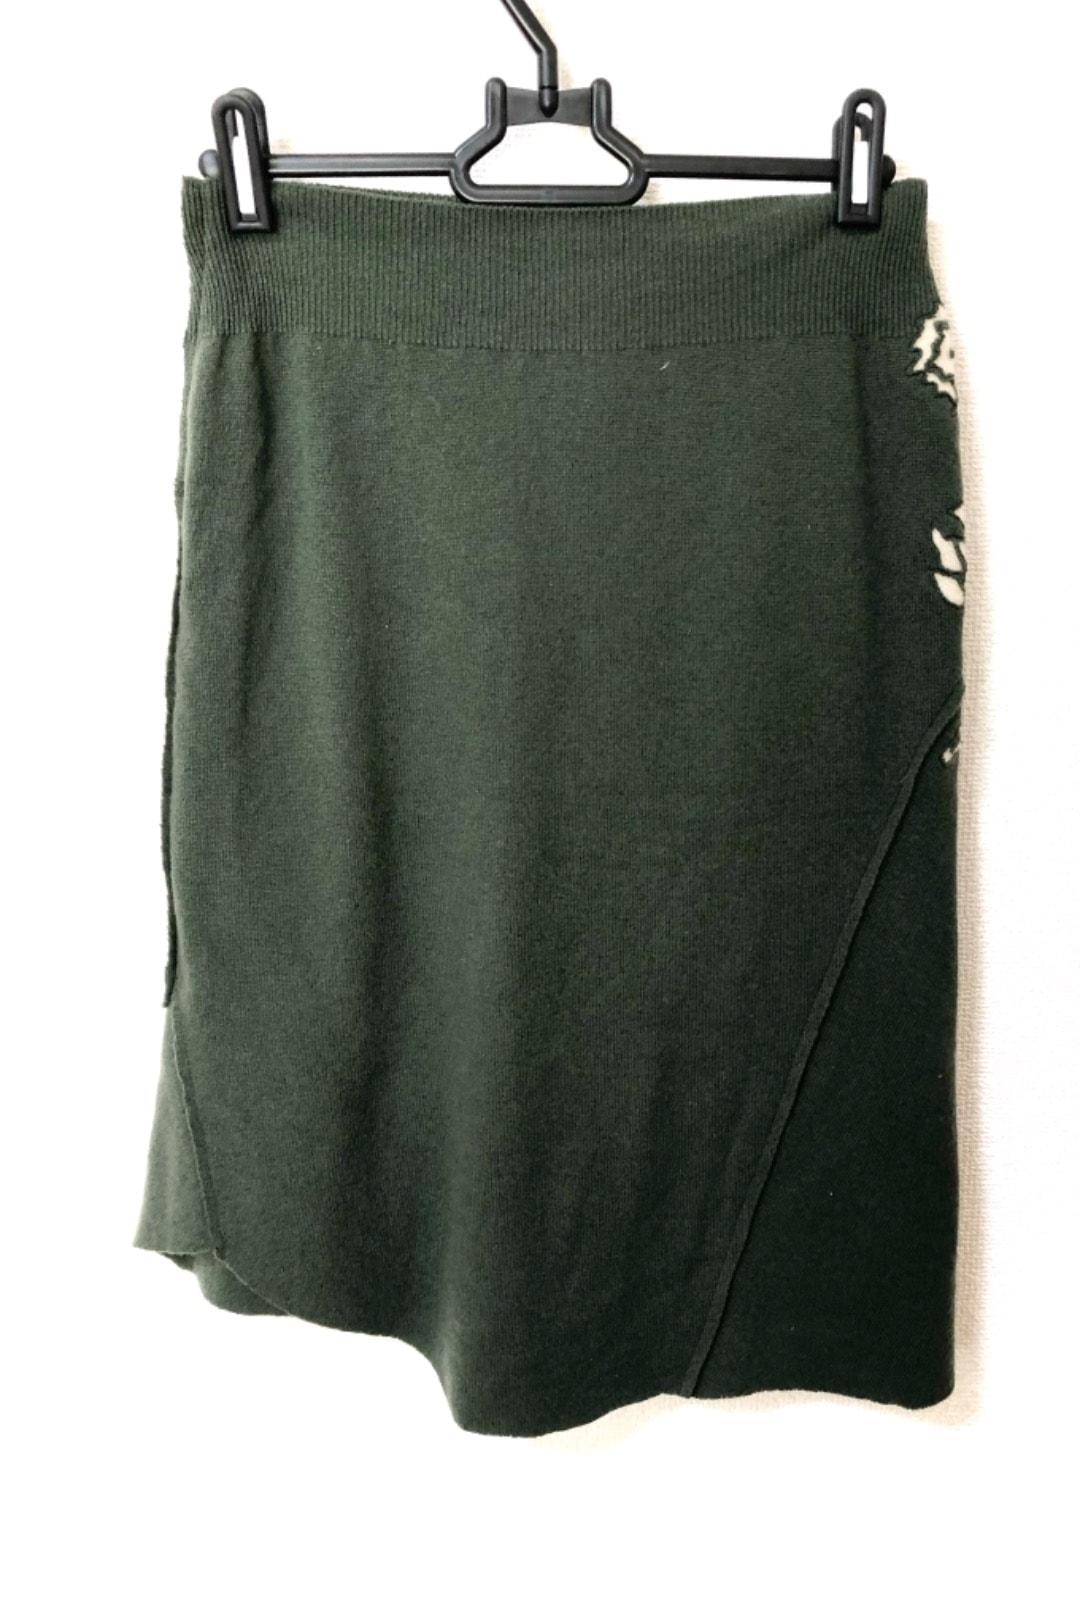 KOI(コイ)のスカート